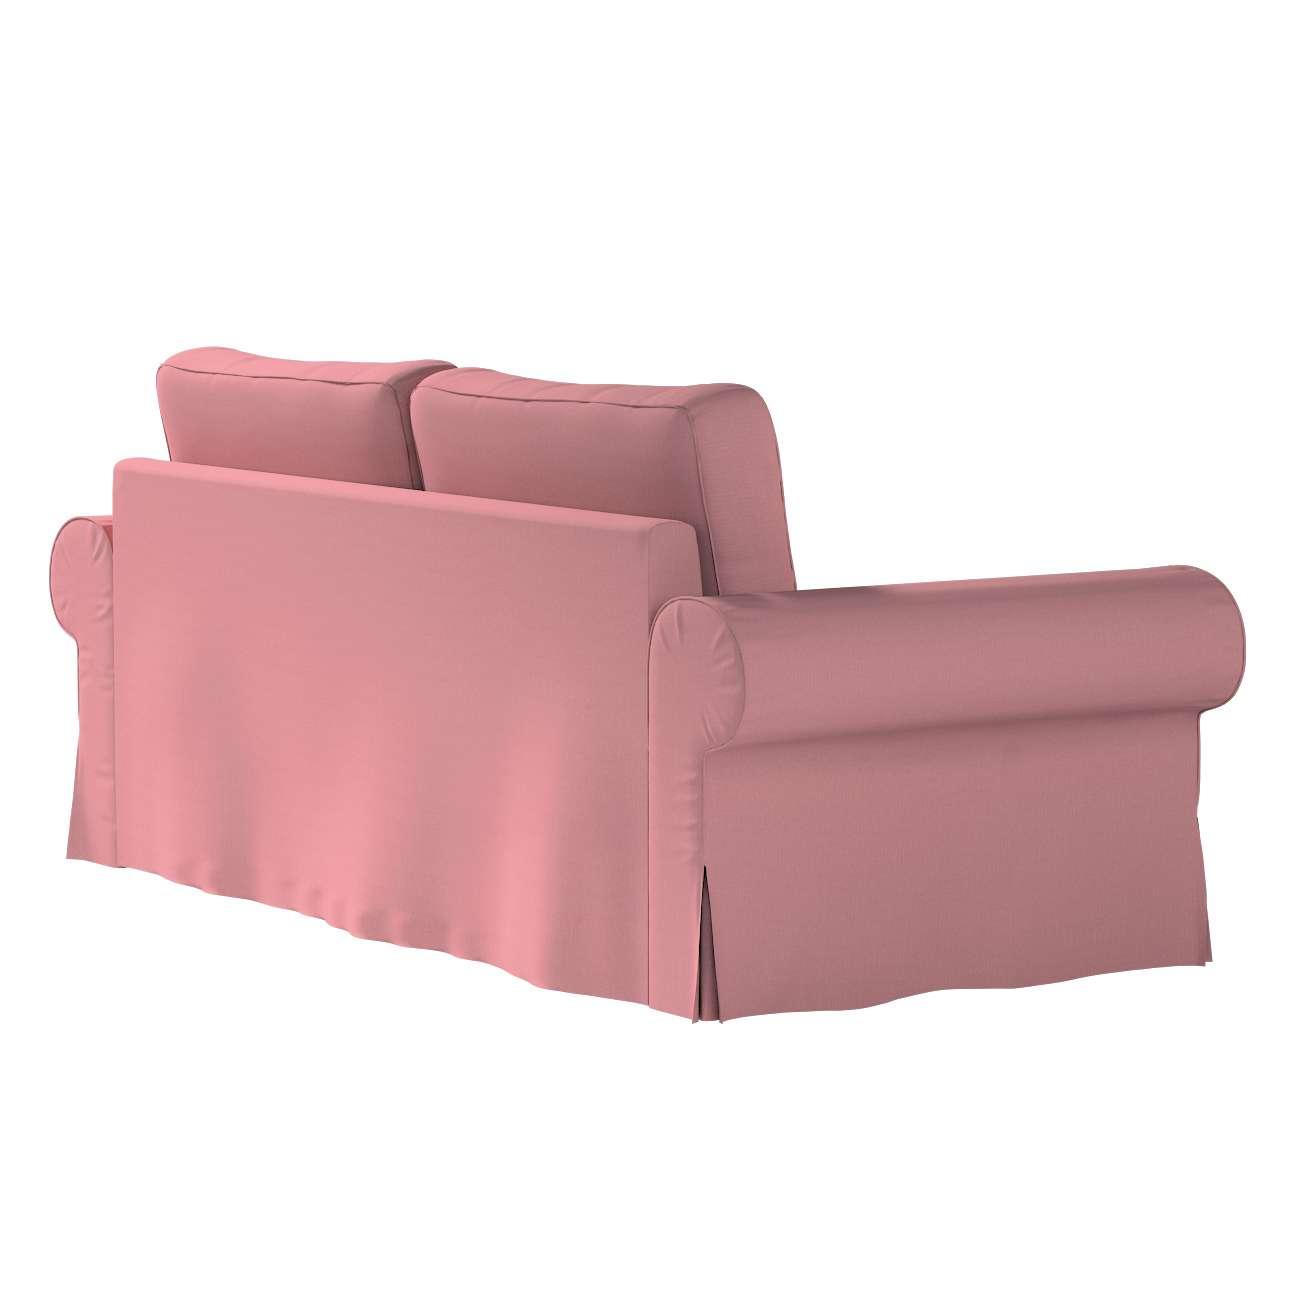 Bezug für Backabro 3-Sitzer Sofa ausklappbar von der Kollektion Cotton Panama, Stoff: 702-43